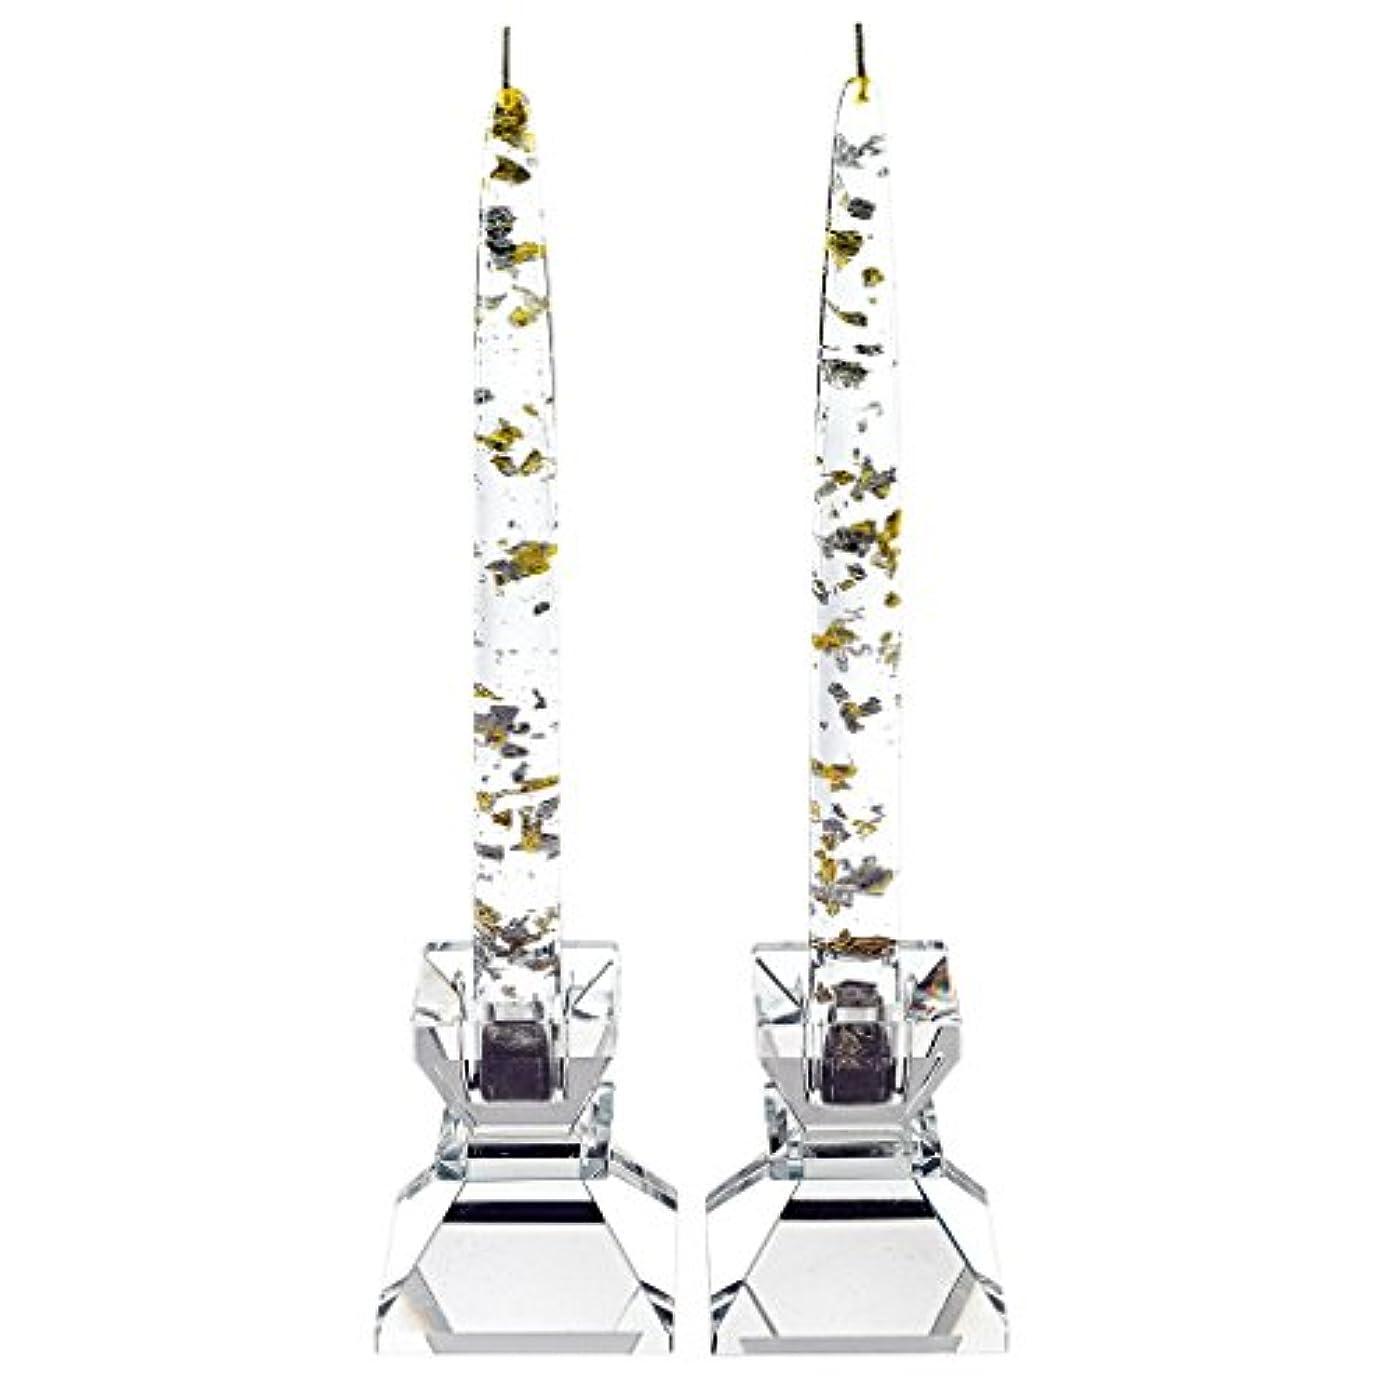 エレクトロニック不和捧げるBadash Crystal G120 SILVER - GOLD FLECK 10 in. CANDLE